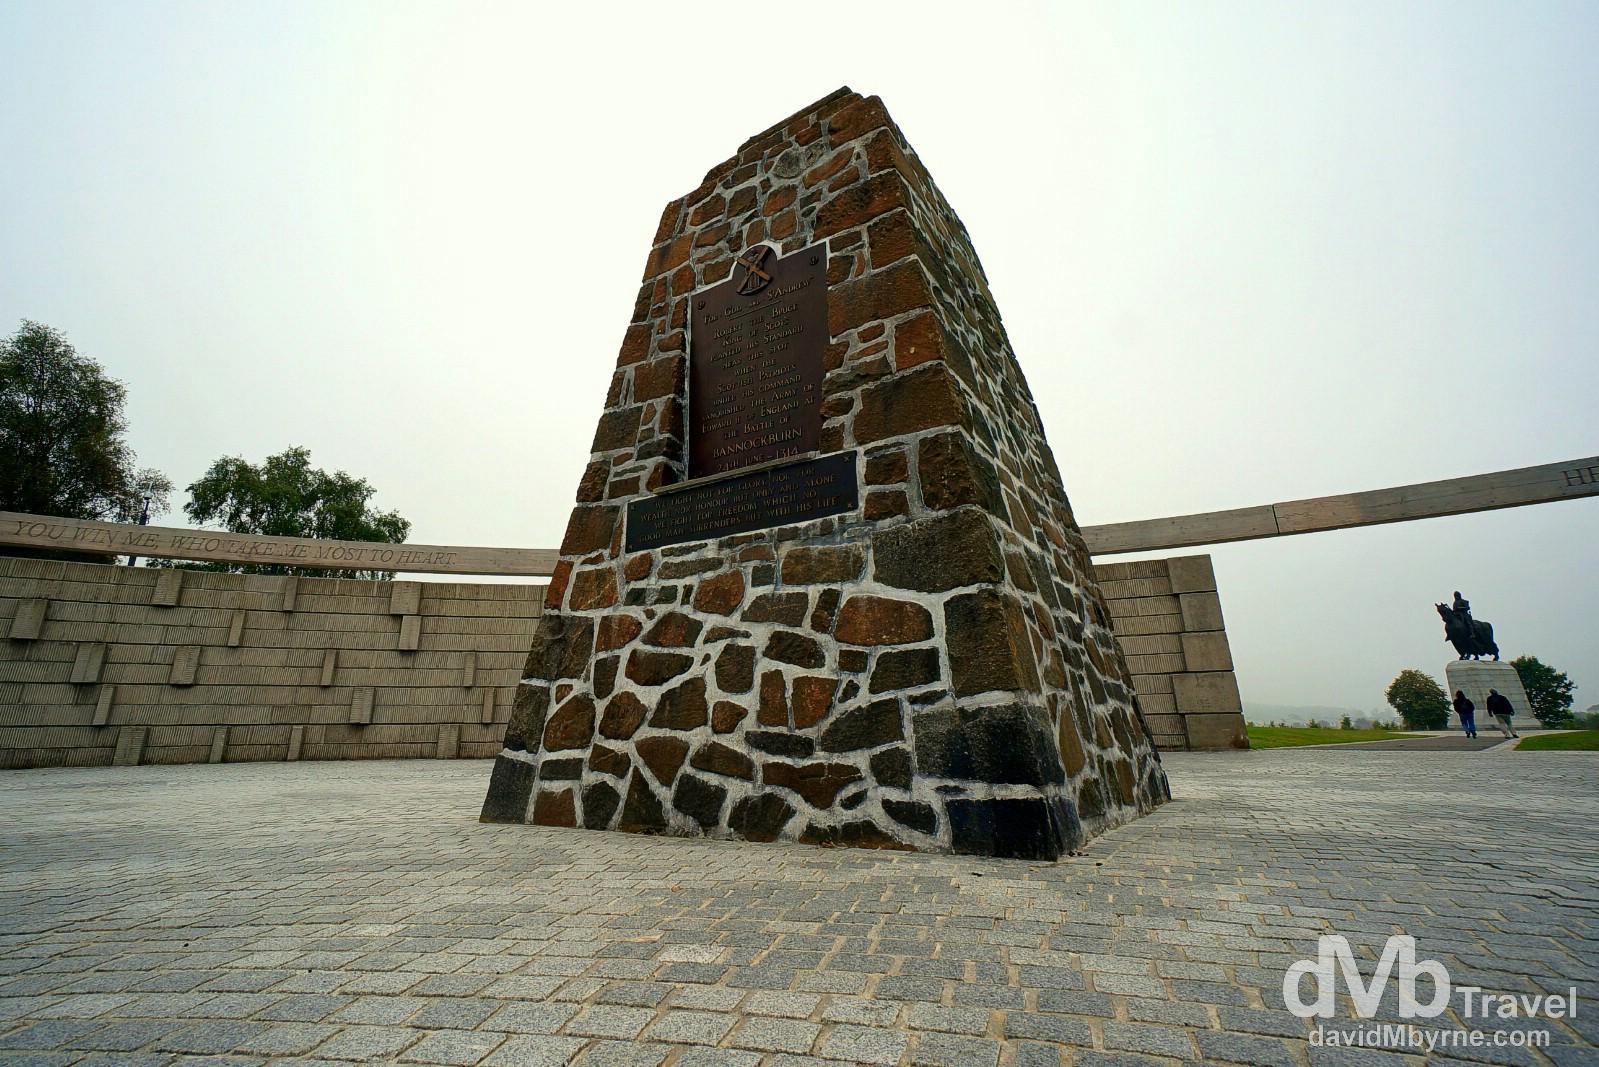 Battle of Bannockburn memorial, Bannockburn, Scotland. September 12, 2014.